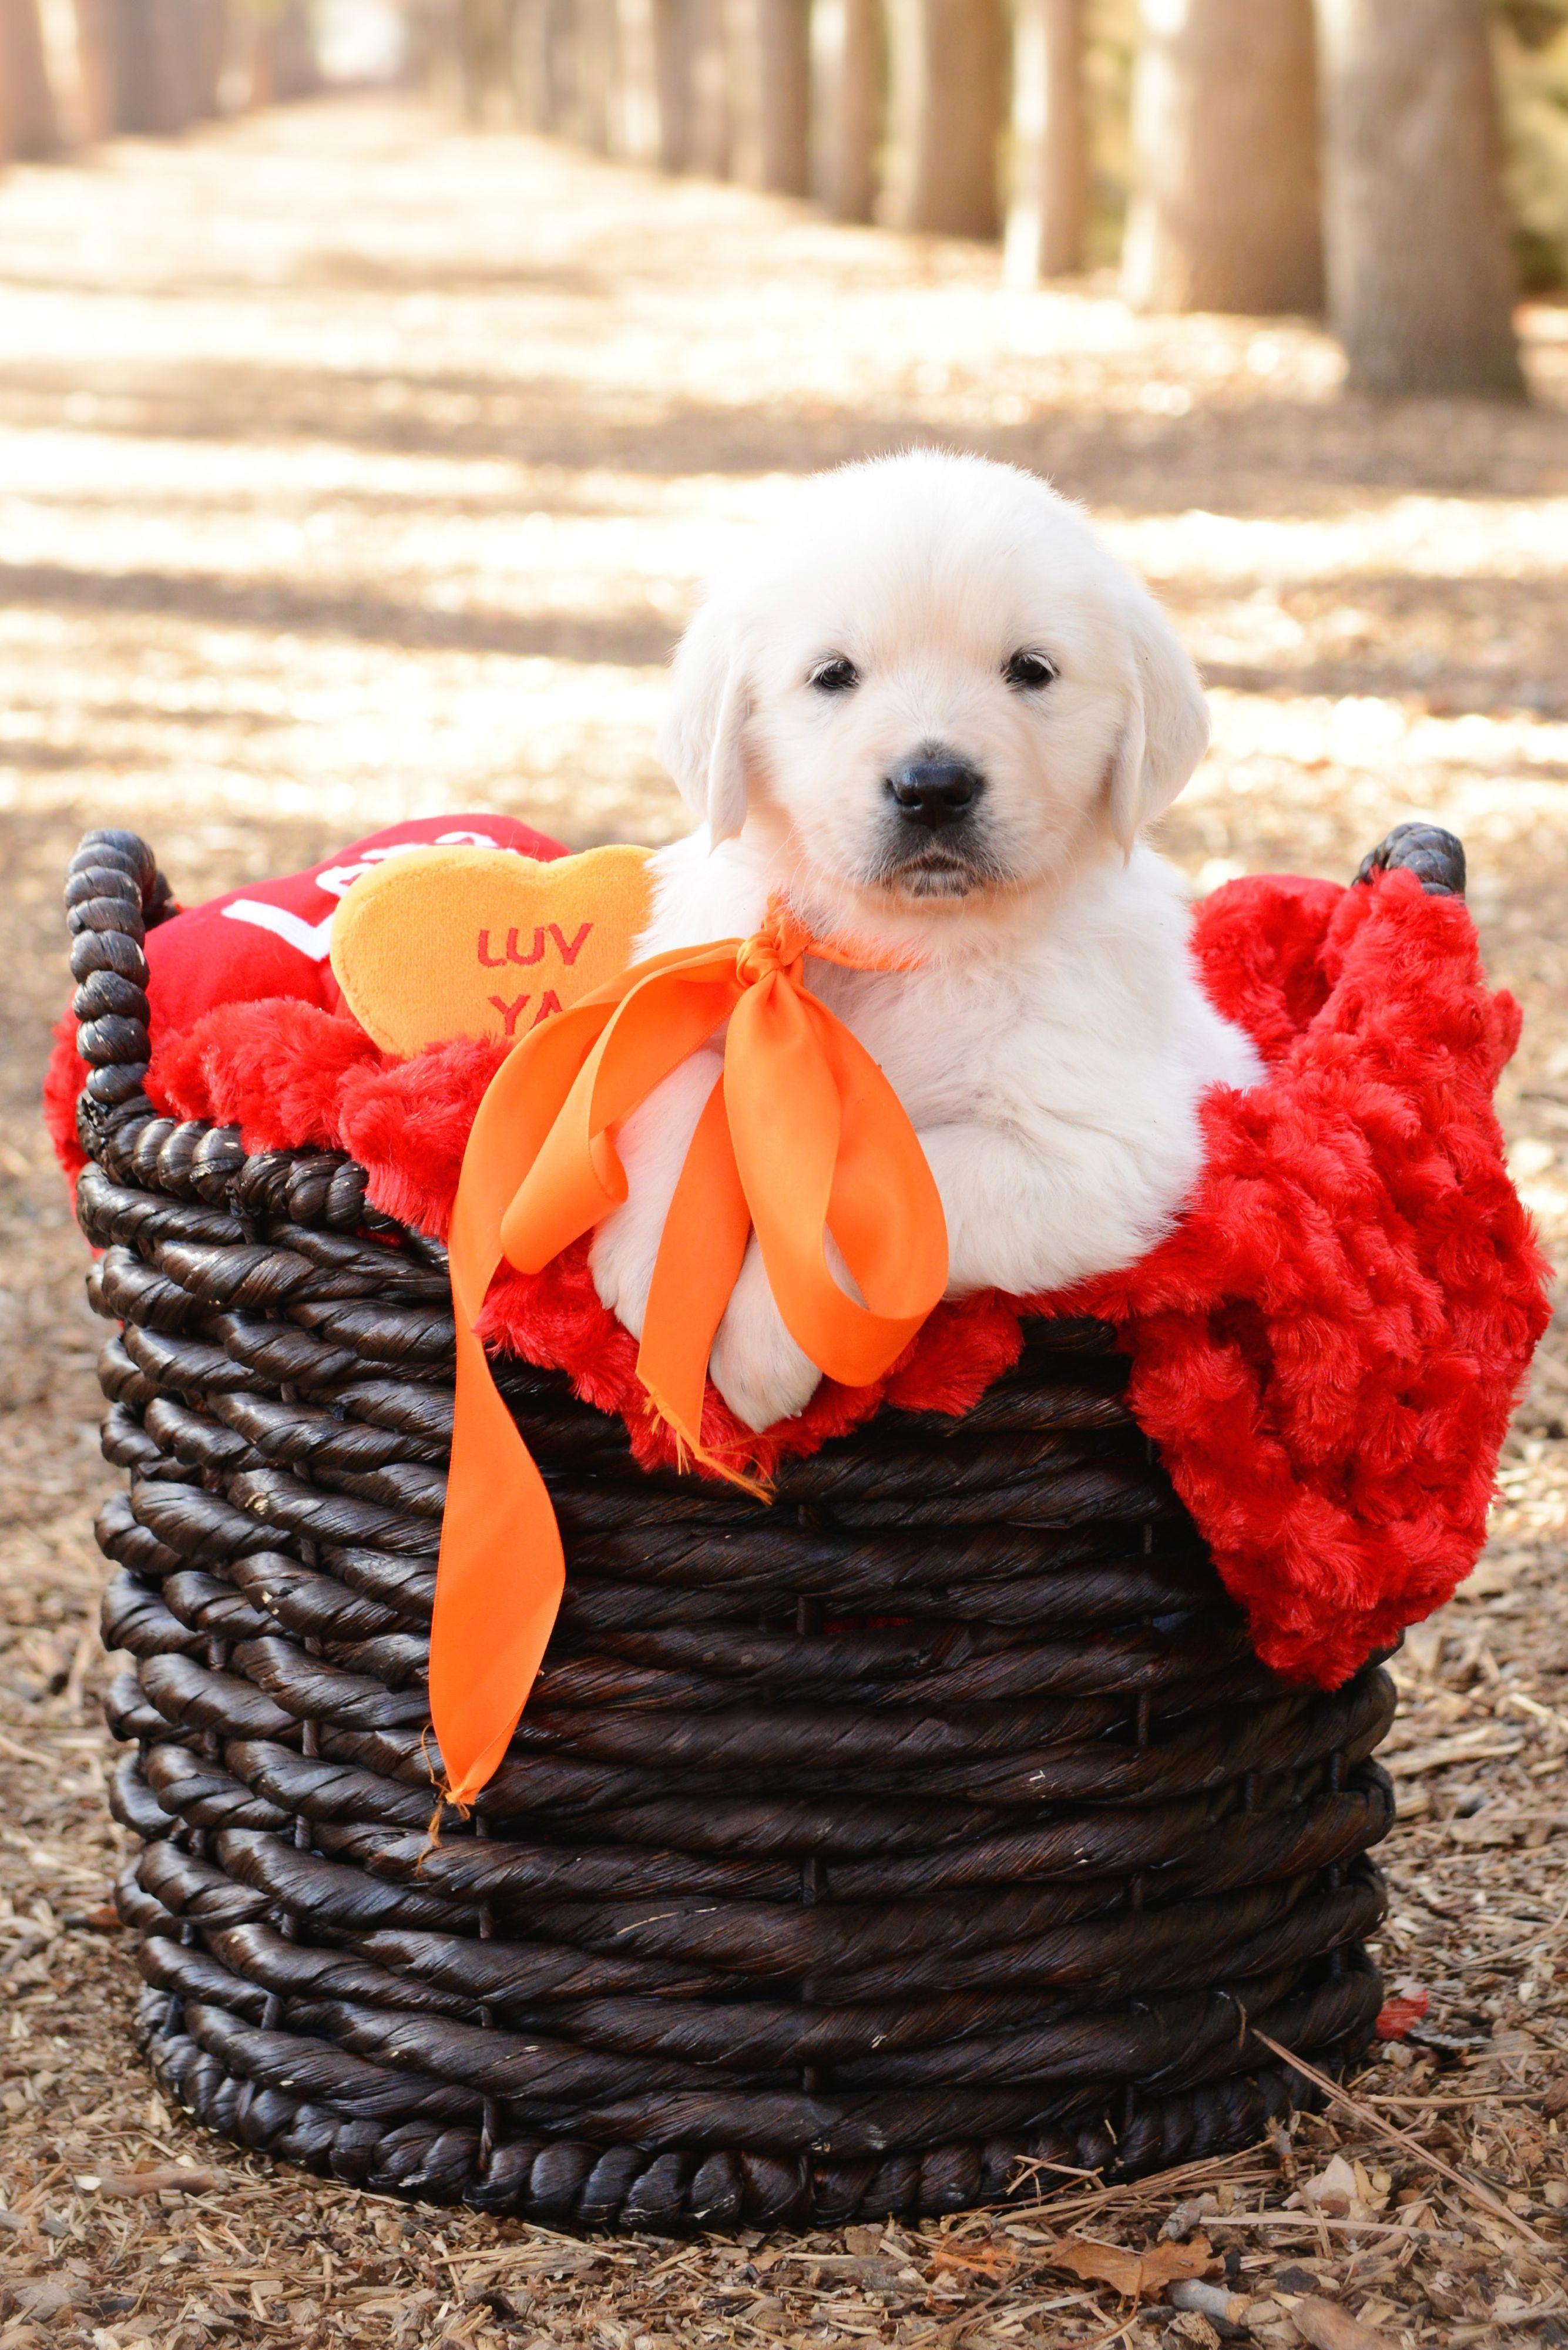 Mr Orange English Cream Golden Retriever Puppy 6 Weeks Old At Sweetheart Goldens Retriever Puppy Golden Retriever Golden Retriever Puppy